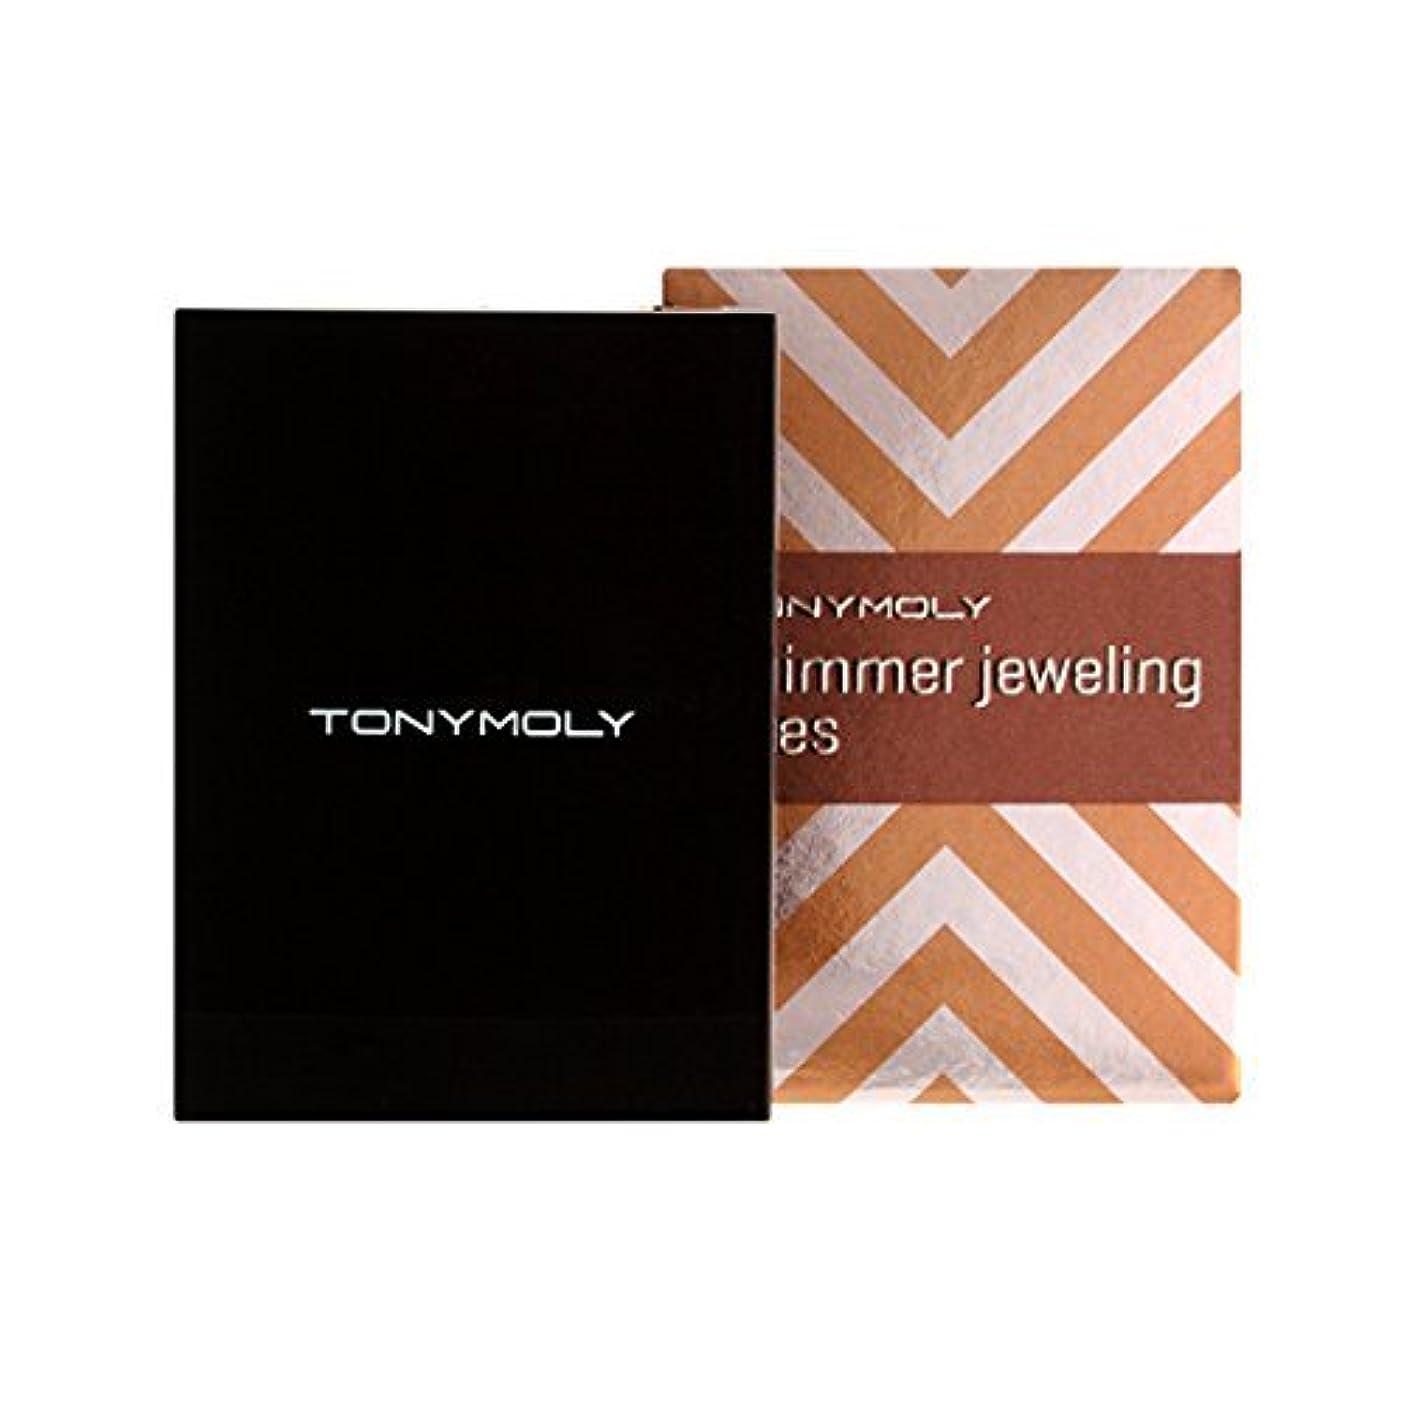 火山の微弱演劇[Tonymoly] トニーモリ Shimmer Jeweling Eyes 2.7g #01 Gold Jeweling by TONYMOLY